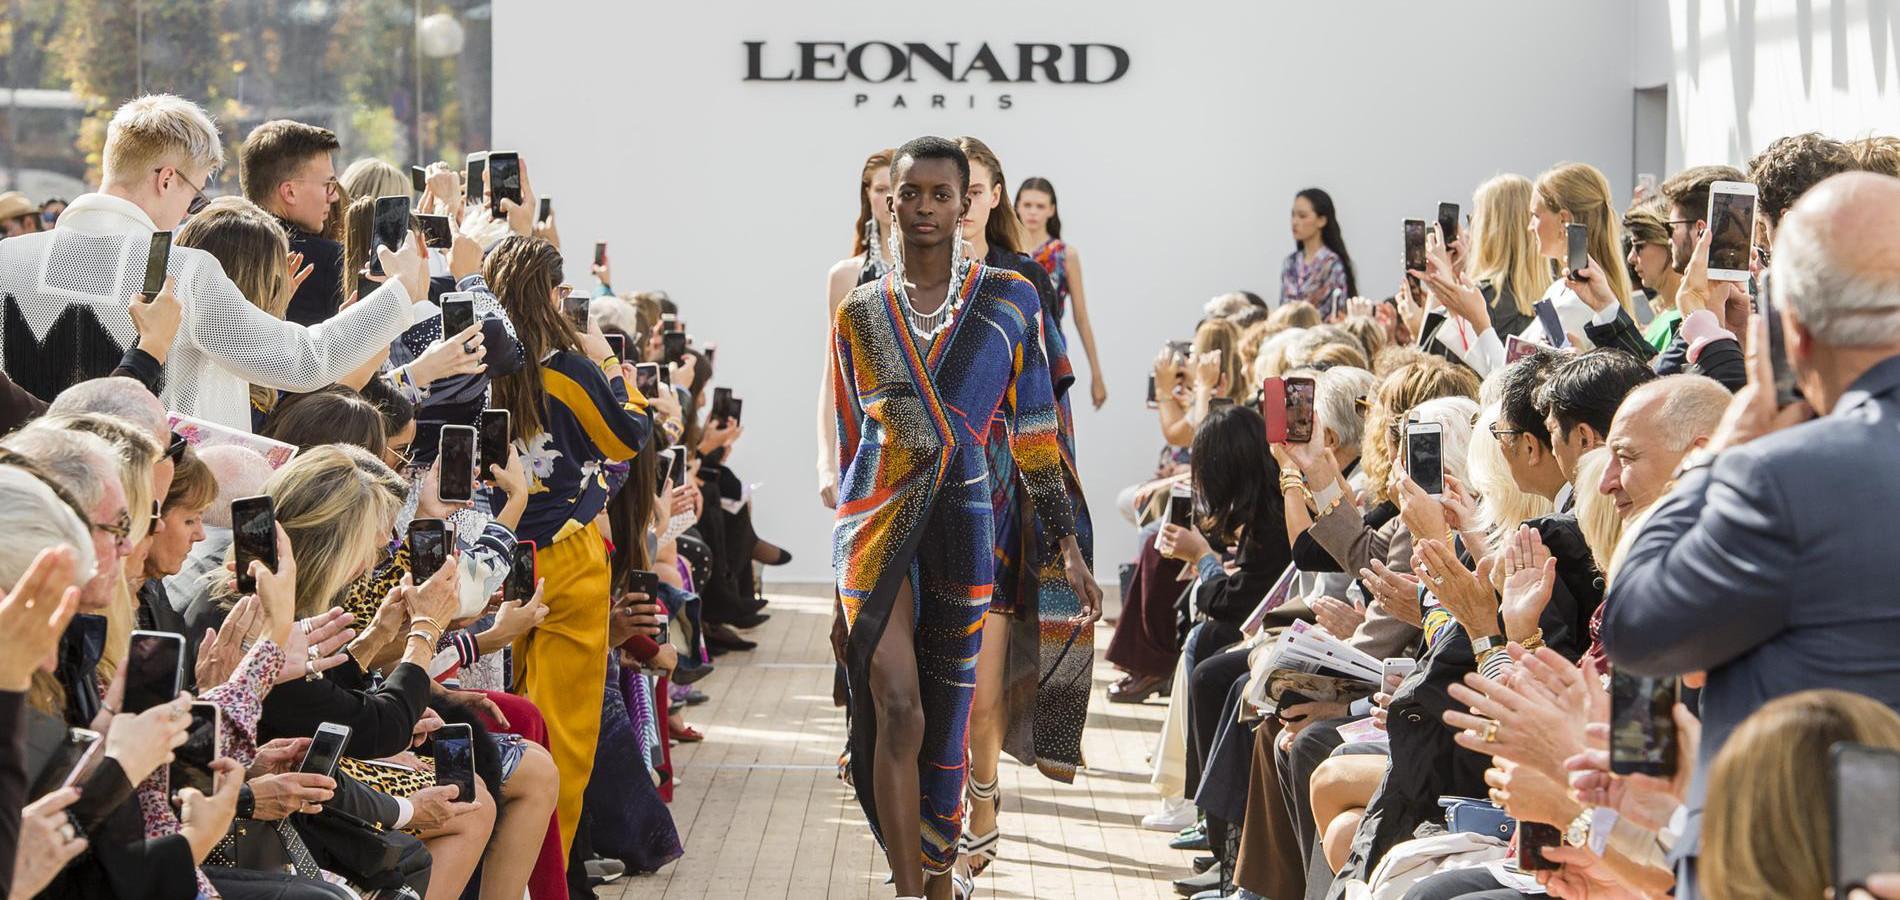 ce4c4557c823 Défilé Léonard Paris printemps-été 2019 Prêt-à-porter - Madame Figaro